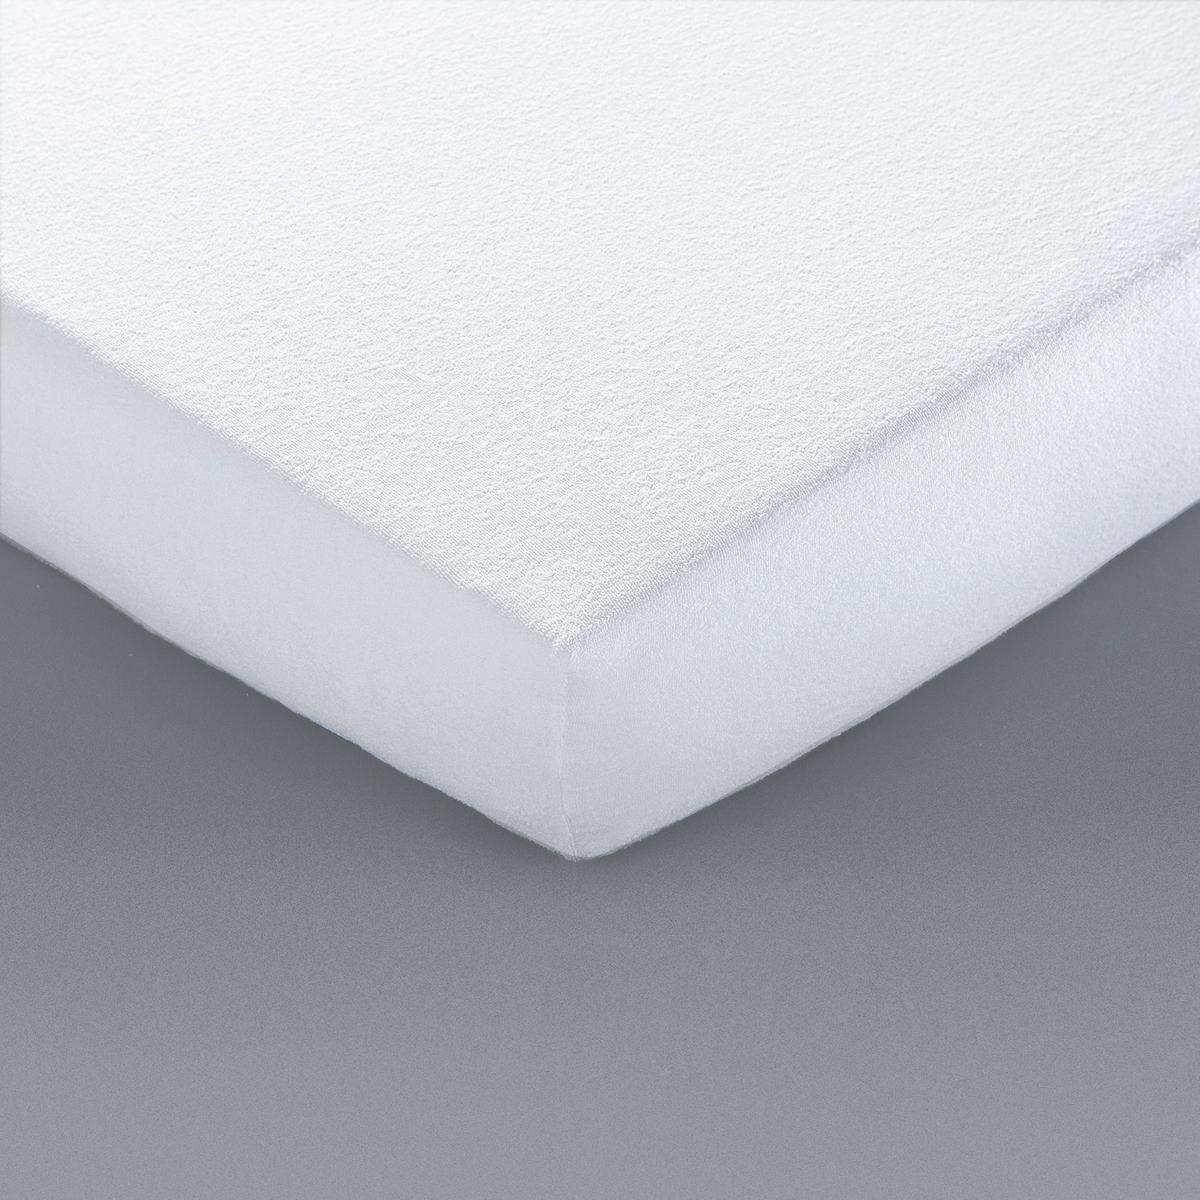 Чехол защитный для матраса с противомикробной обработкойНатяжной защитный чехол для матраса из эластичного материала. Клапан 27 см (для матрасов толщиной до 25 см).Описание натяжного защитного чехла для матраса :Натяжной защитный чехол из эластичной махровой ткани букле, 85 % хлопка, 15 % полиэстера.Полностью на резинке.Характеристики натяжного защитного чехла для матраса :Обработка : Обработка Aegis® против клещей и микробов гарантирует Вам комфортный, здоровый и безопасный сон. Эта пропитка позволяет бороться с неприятными запахами и устойчива к множественным стиркам (безопасно для дома и окружающей среды).Уход: : Машинная стирка при 60 °С.Изделие с биоцидной обработкойОткройте для себя нашу коллекцию постельных принадлежностей на сайте laredoute.ru<br><br>Цвет: белый